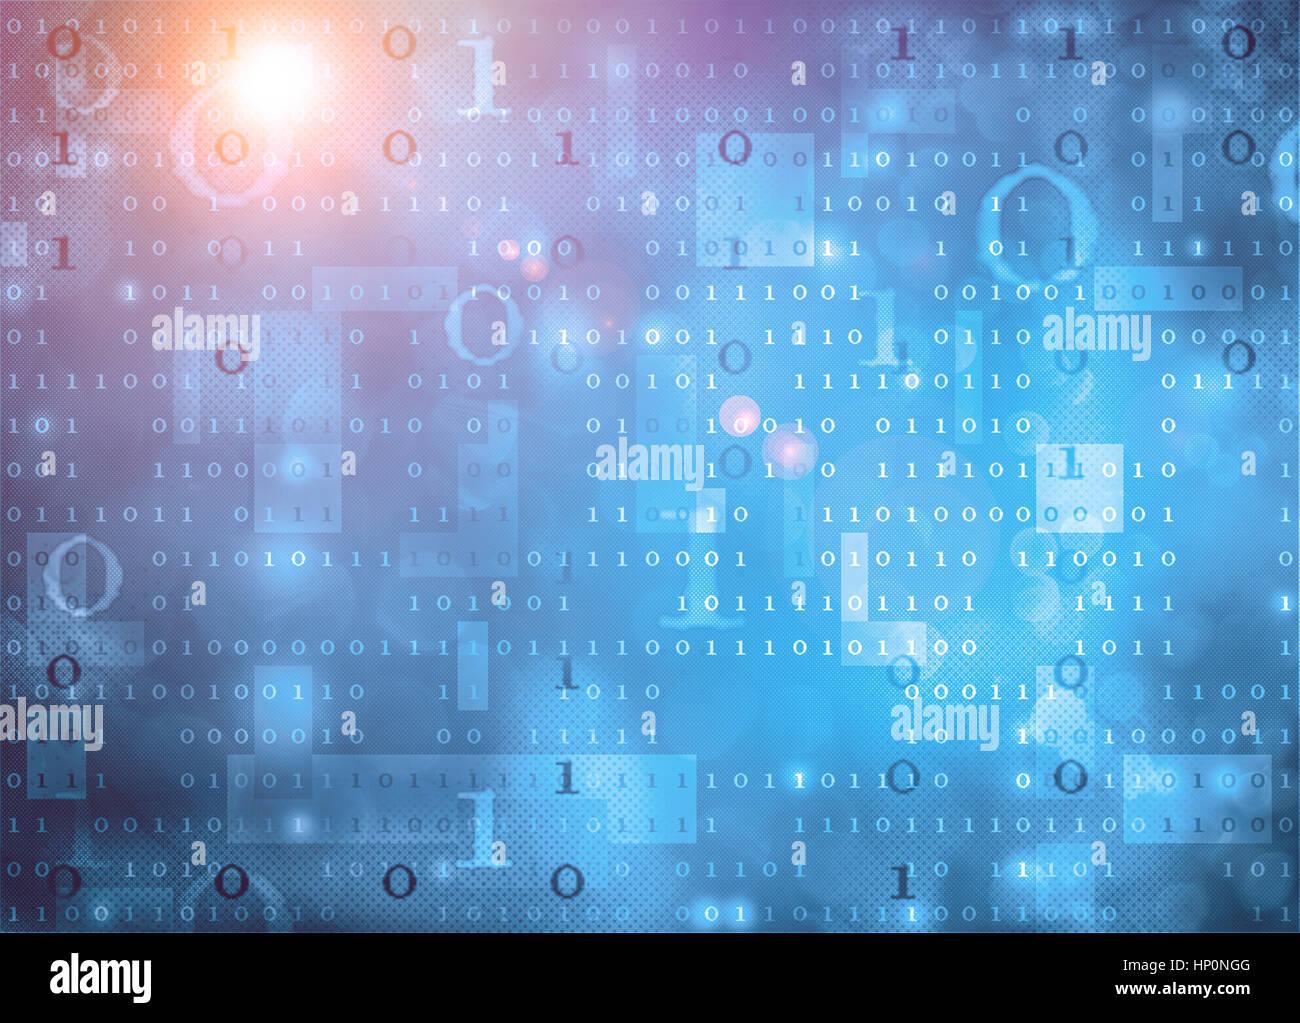 binary data - Stock Image